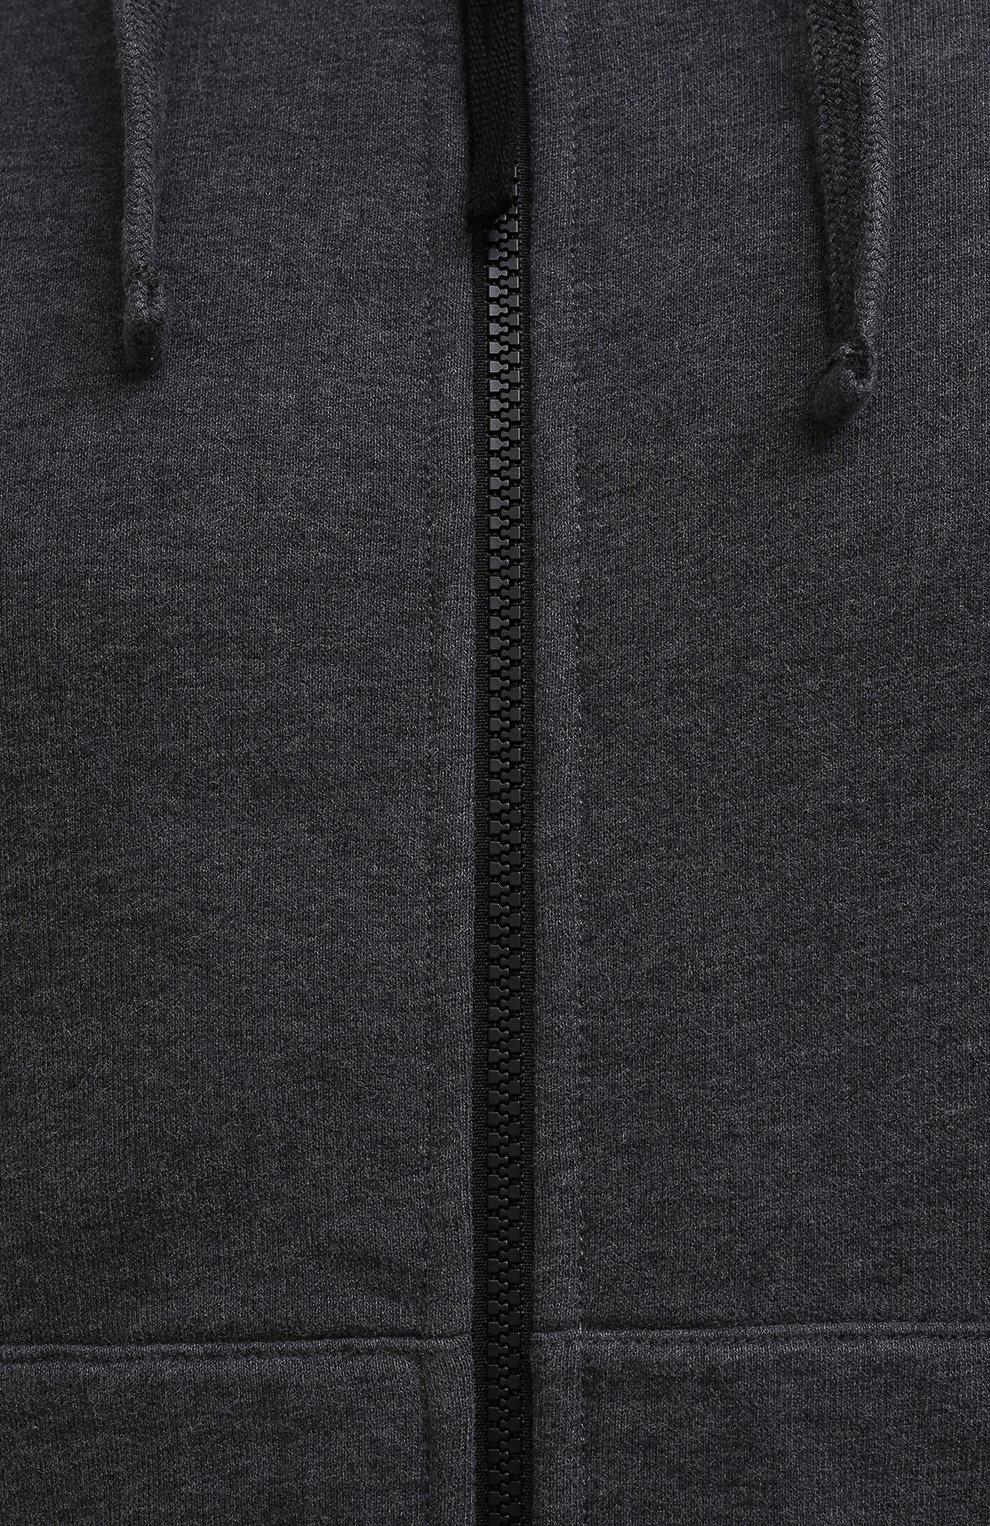 Мужской хлопковая толстовка STONE ISLAND темно-серого цвета, арт. 751564220   Фото 5 (Рукава: Длинные; Мужское Кросс-КТ: Толстовка-одежда; Длина (для топов): Стандартные; Материал внешний: Хлопок; Стили: Кэжуэл)